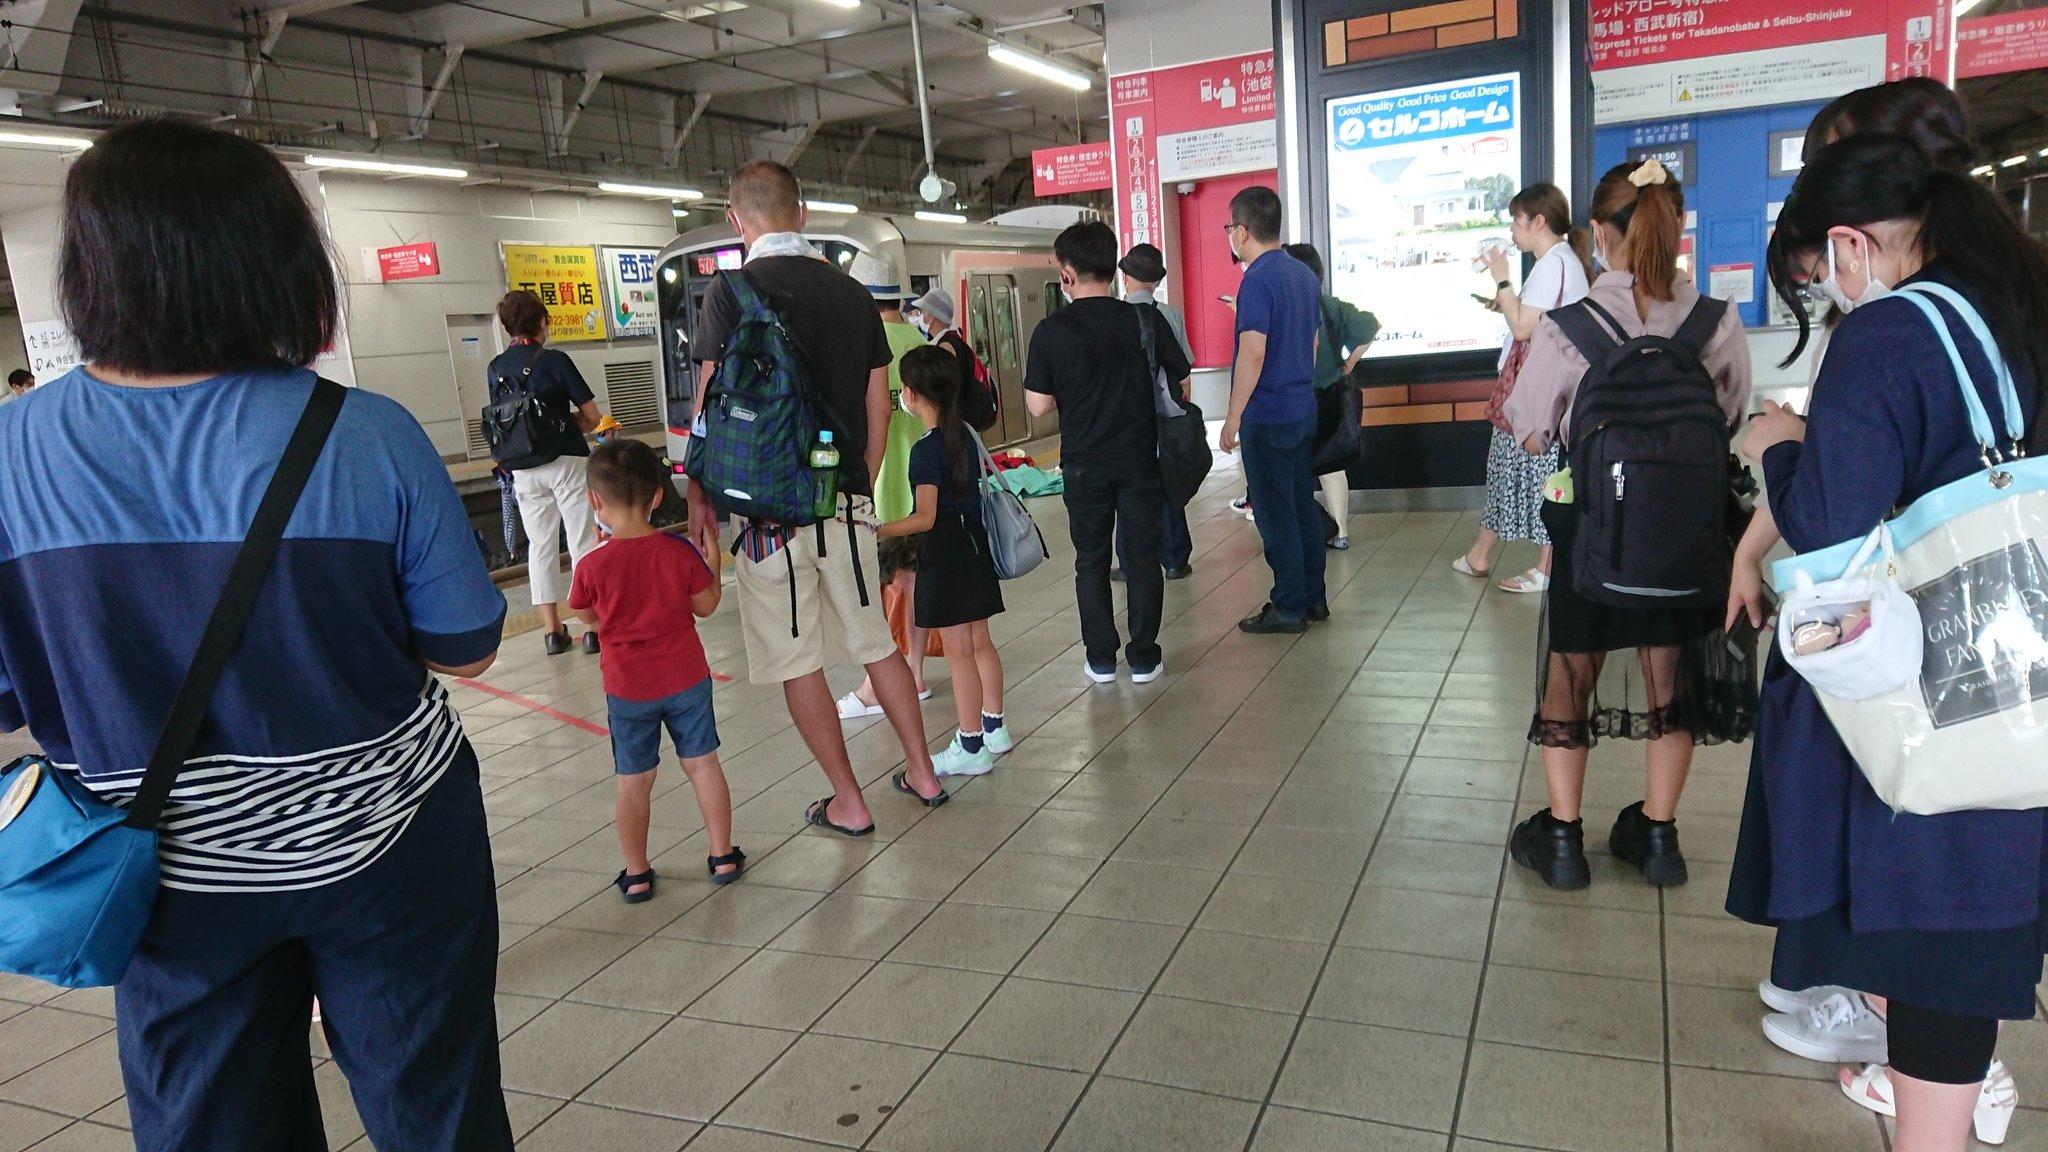 西武池袋線の所沢駅の人身事故現場の画像